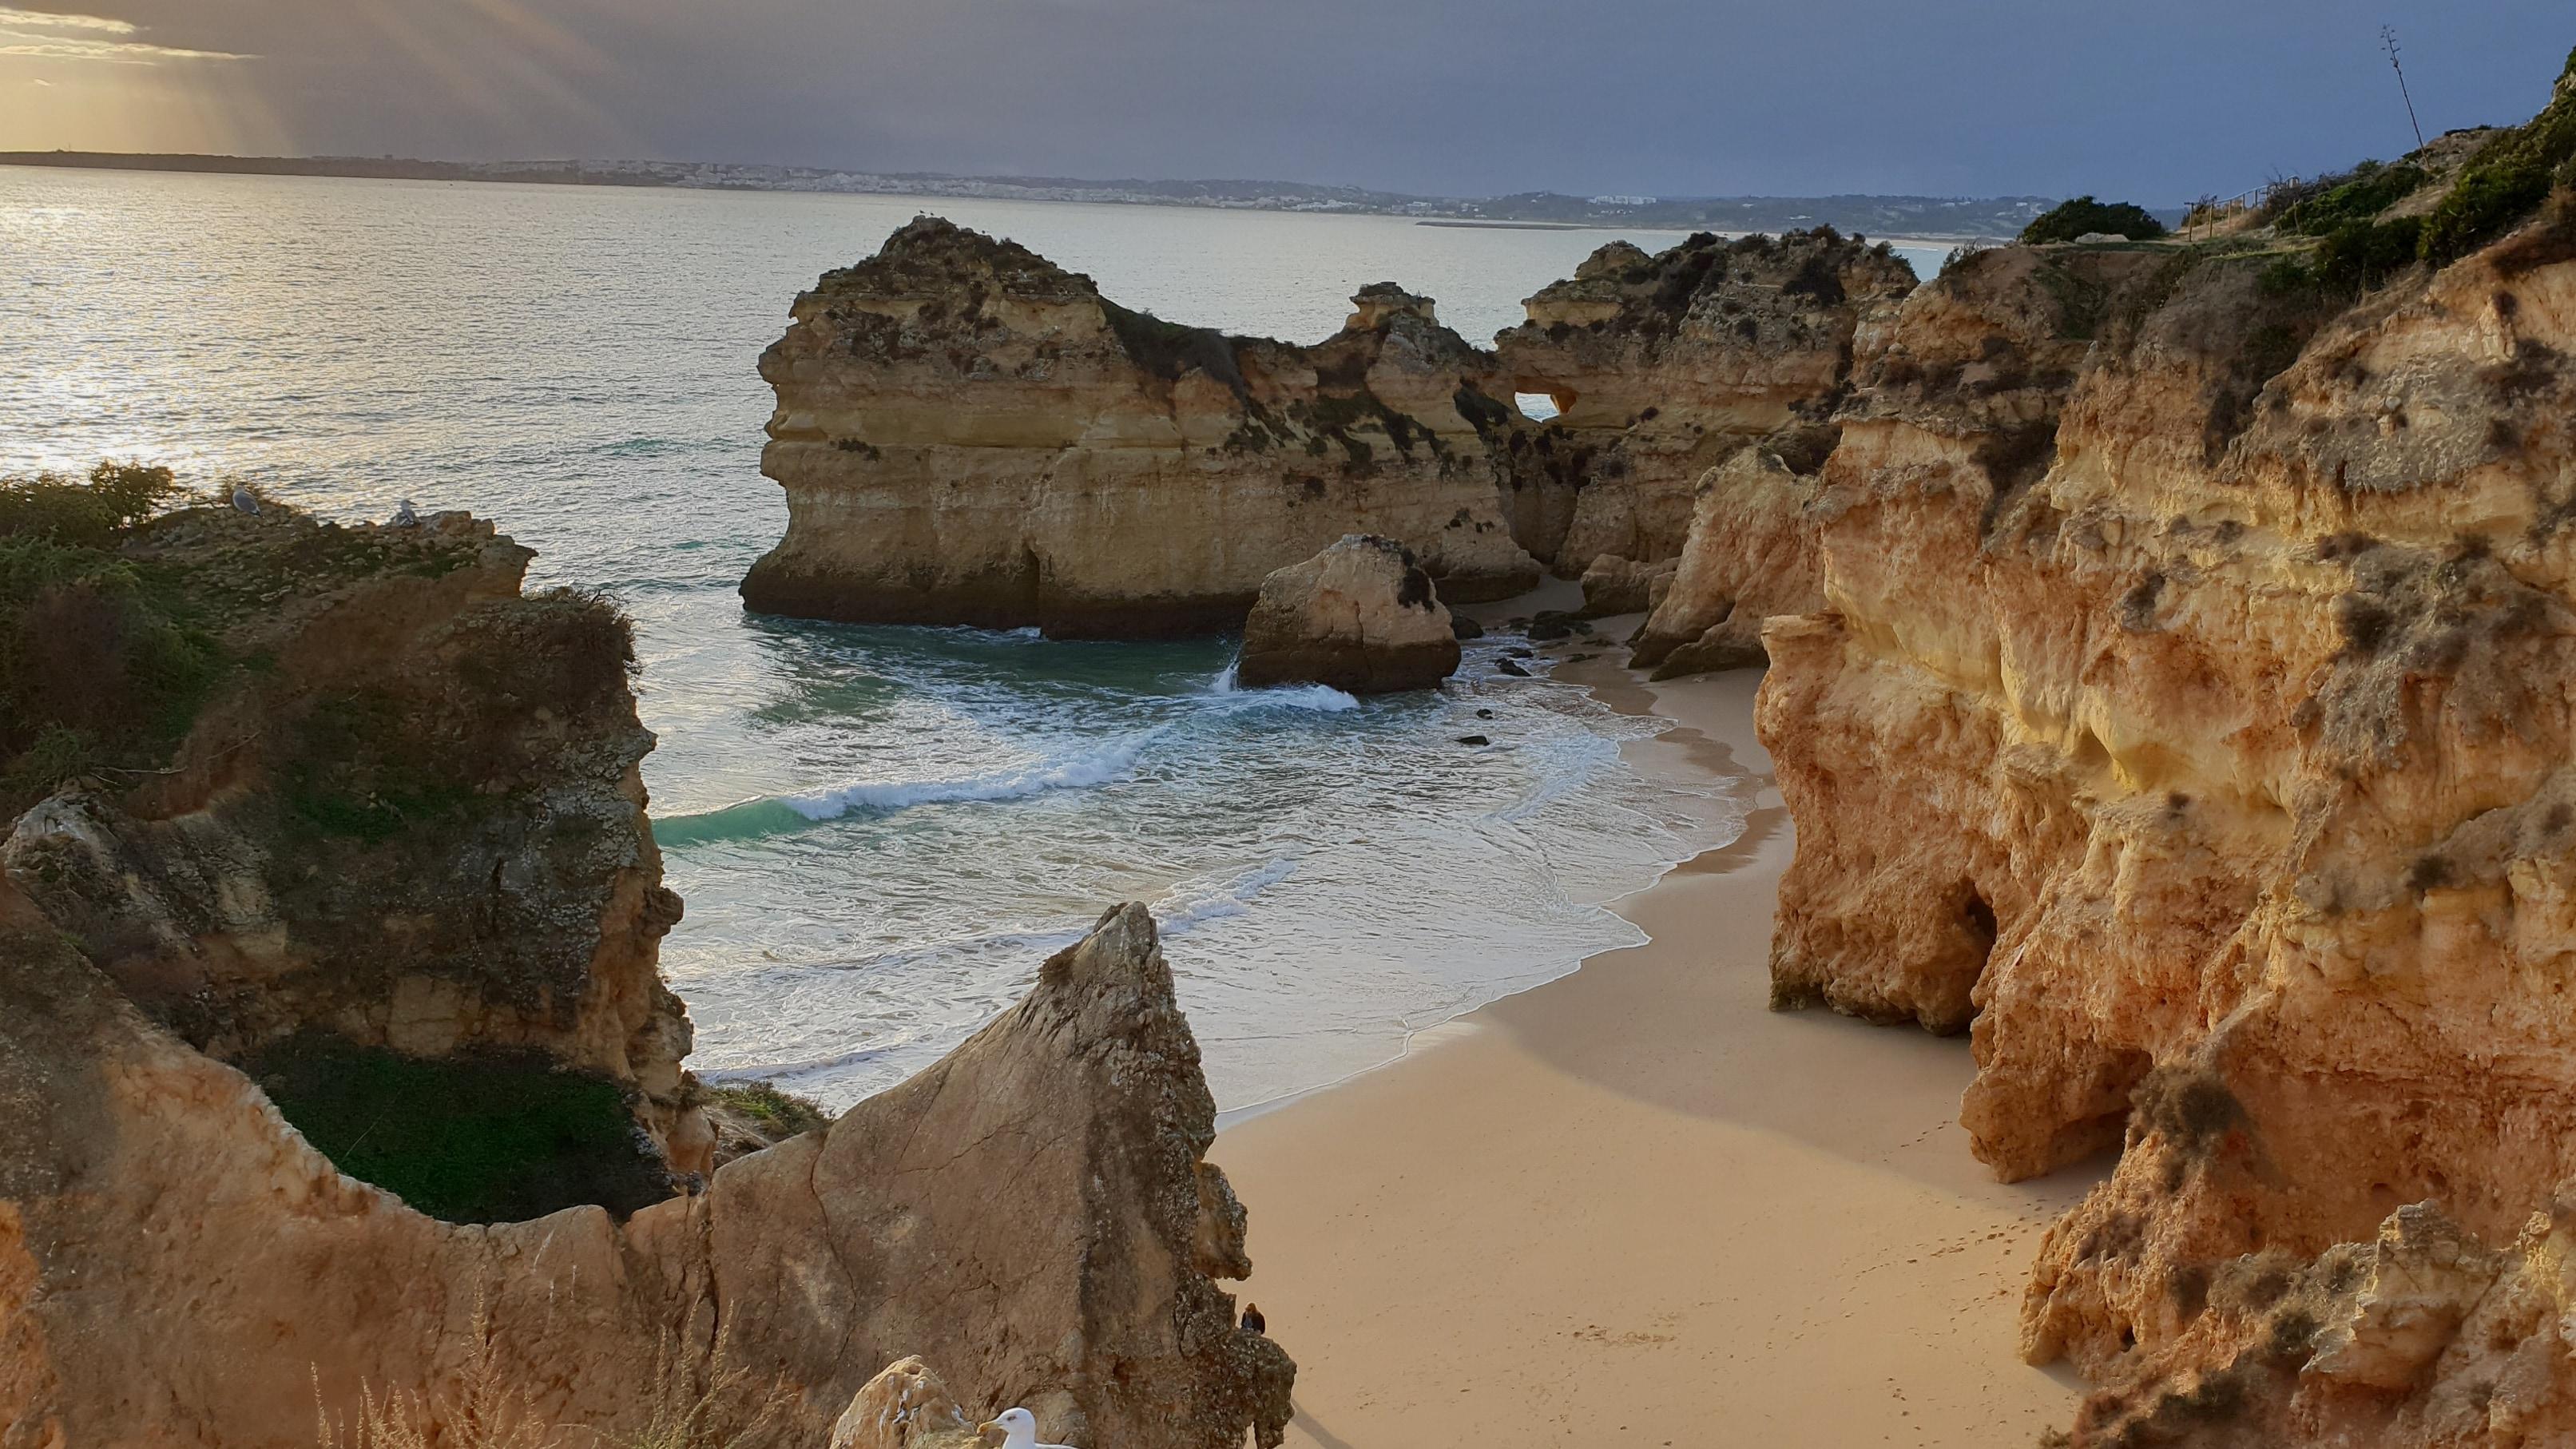 Die Strände der Algarve zählen zu den schönsten Europas.